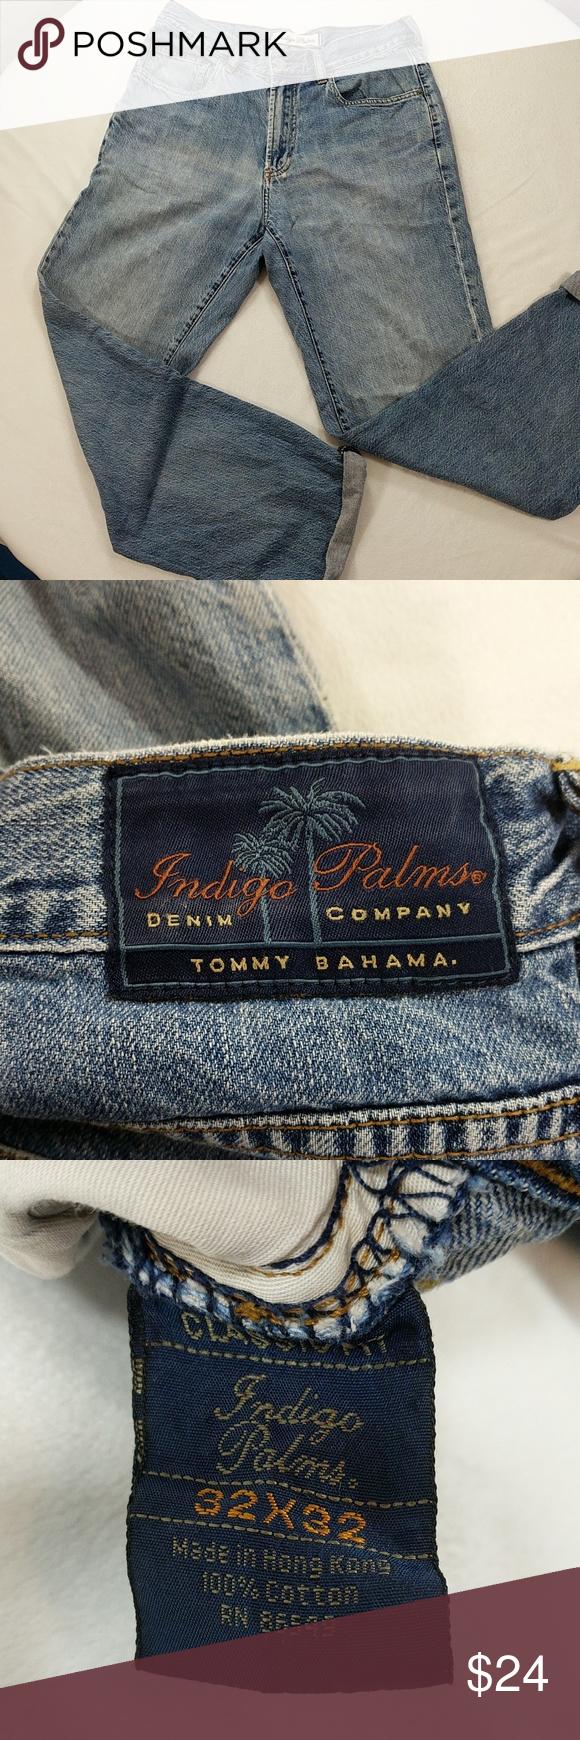 b2794220a7f Indigo Palms Tommy Bahama distressed dad jeans 32 x 32 Tommy Bahama Jeans  Boyfriend